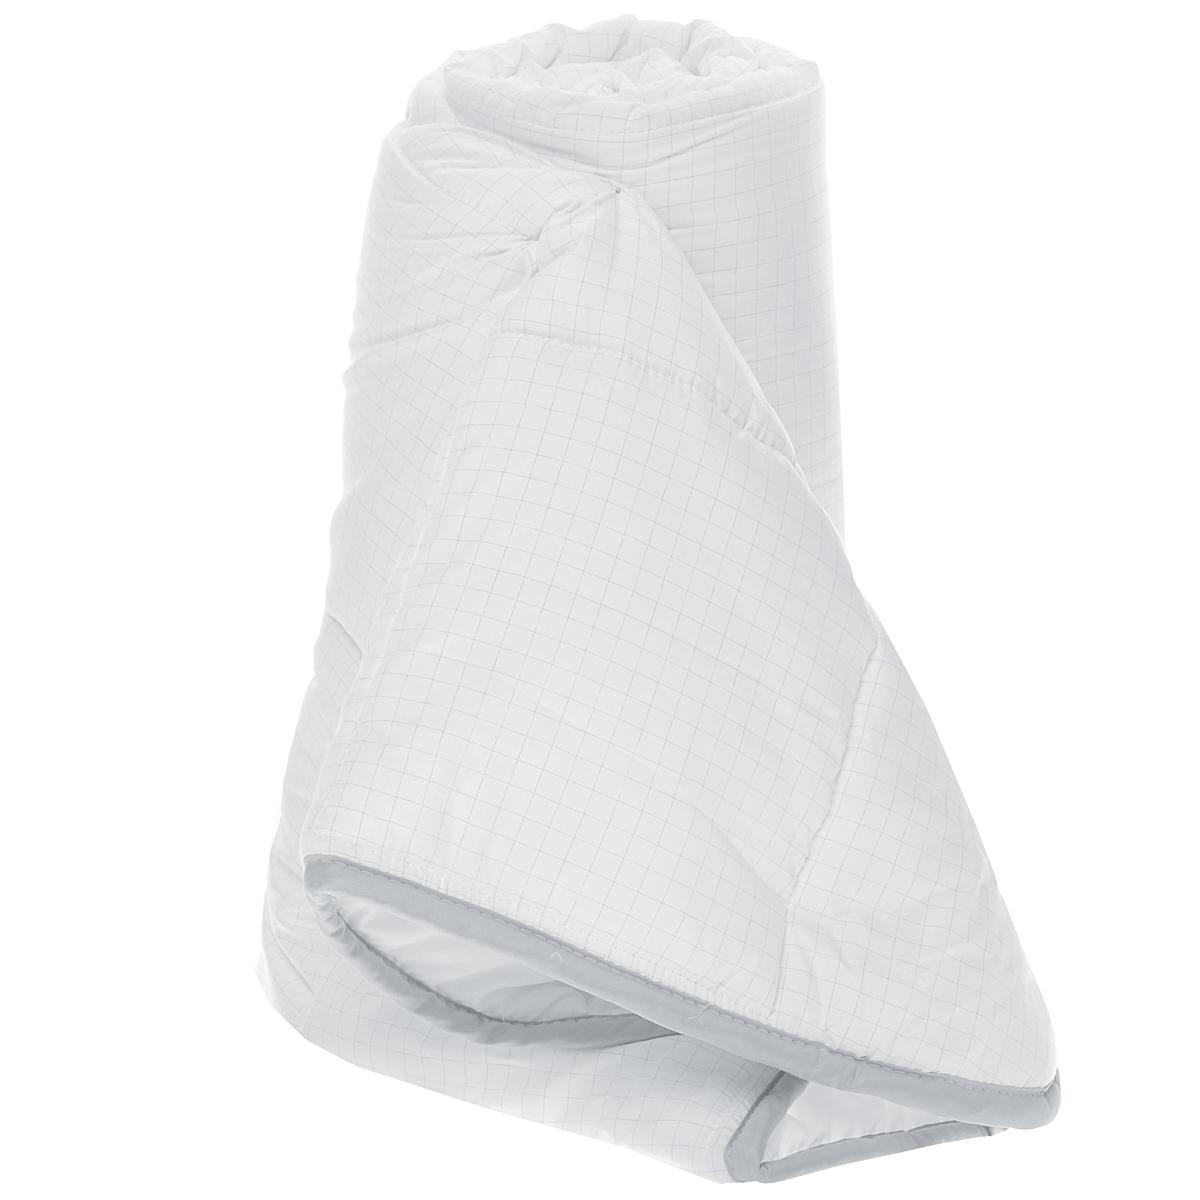 Одеяло легкое Comfort Line Антистресс, наполнитель: полиэстер, 140 х 205 см174352Легкое одеяло Comfort Line Антистресс подарит незабываемое чувство комфорта и уюта во время сна. Одеяло выполнено по инновационной технологии с применением карбоновой нити, которая способна снимать и отводить статическое напряжение. При уменьшении статического электричества качество сна увеличивается, вы почувствуете себя более отдохнувшим и снявшим стресс. Идеально подойдет людям, которые много времени проводят на работе, подвержены стрессу и заботятся о своем здоровье. Изделие также отлично отводит и испаряет влагу. Одеяло упаковано в пластиковую сумку-чехол, закрывающуюся на застежку-молнию. Рекомендации по уходу: - Можно стирать в стиральной машине при температуре не выше 30°С. - Не отбеливать. - Не гладить. - Нельзя отжимать и сушить в стиральной машине. - Химчистка с мягким растворителем. - Сушить вертикально. Материал чехла: микрофибра (99,4% полиэстер, 0,6% карбон). Наполнитель: полиэстеровое волокно (100%...